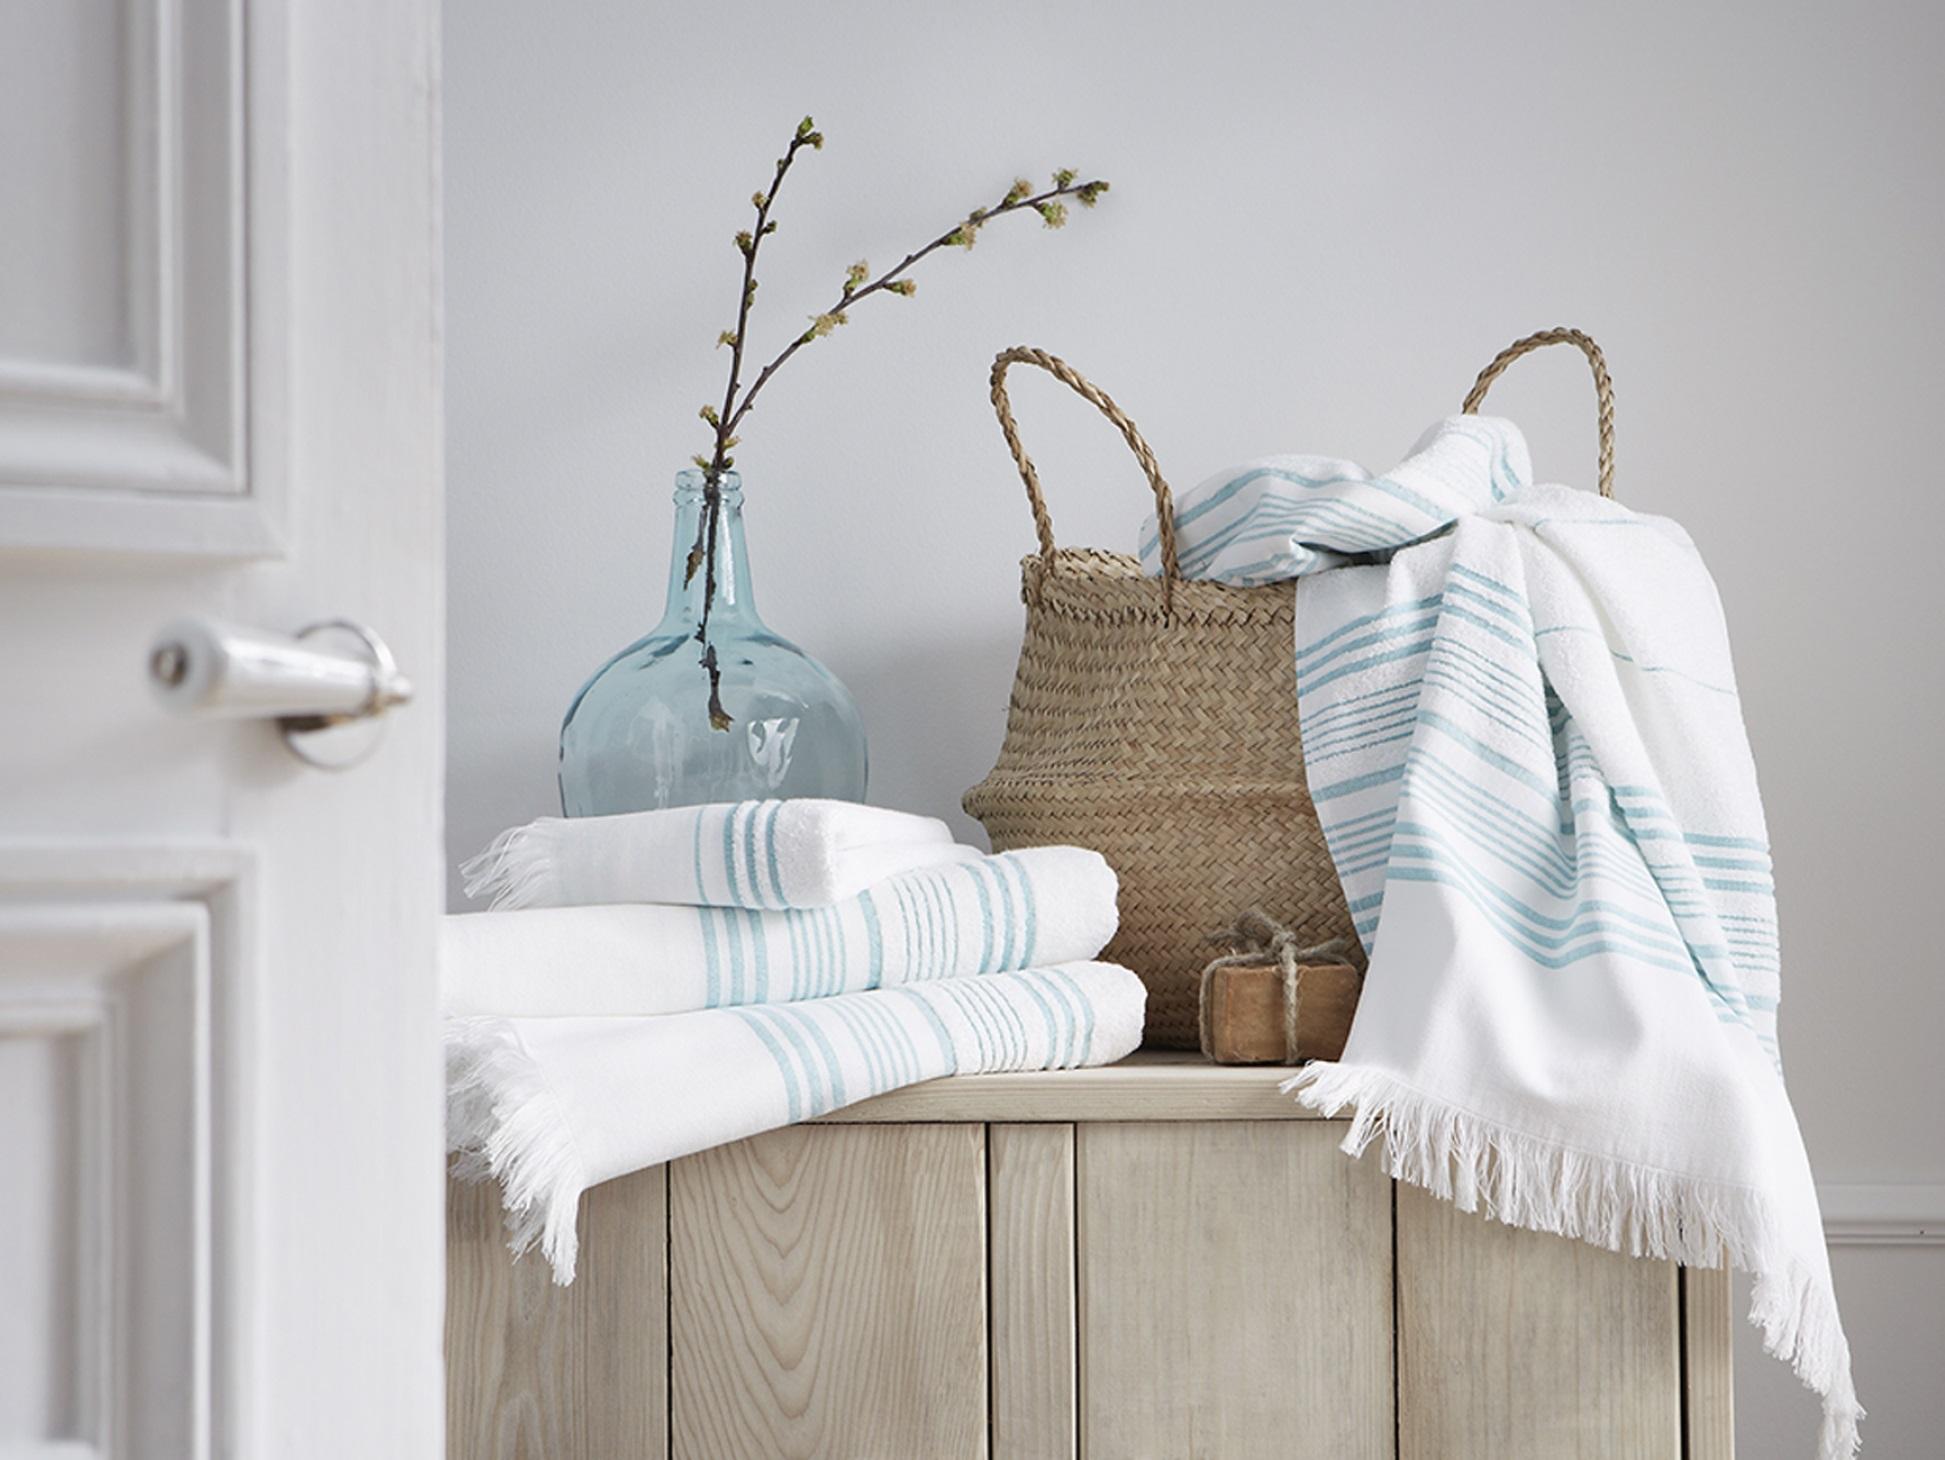 concours blanc cerise 575 de cadeaux gagner famille chat. Black Bedroom Furniture Sets. Home Design Ideas